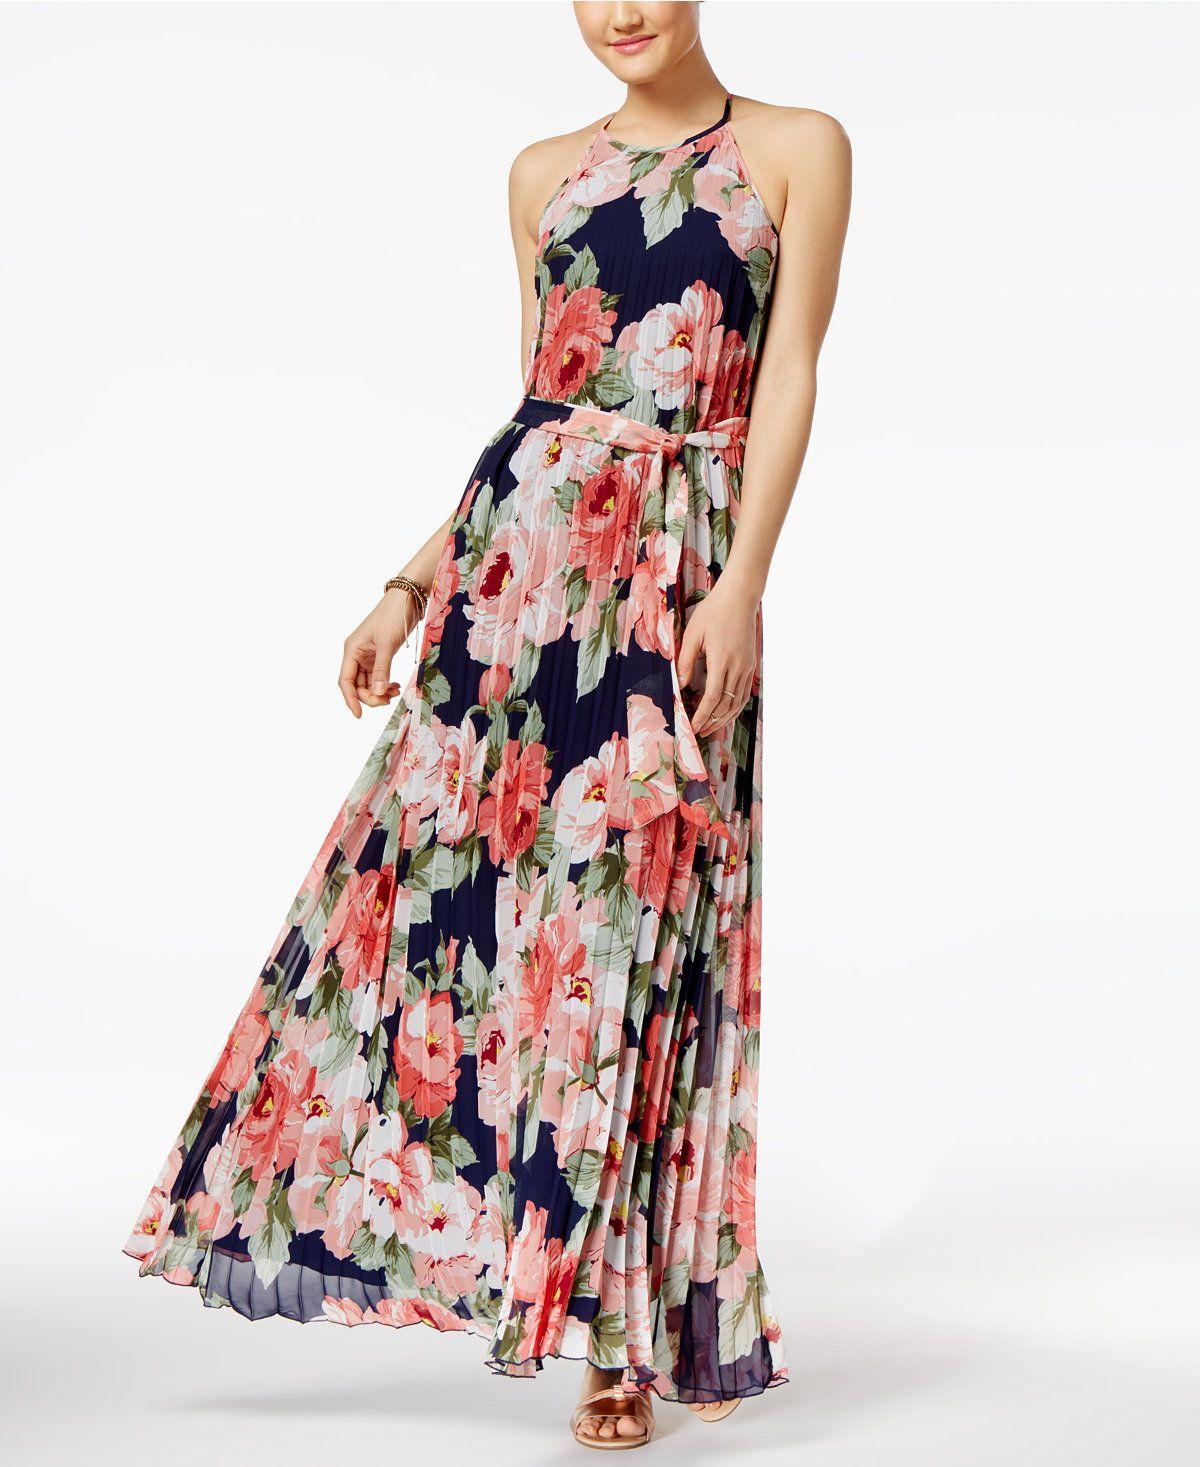 4ba89a9ef6 B Darlin Juniors' Pleated Maxi Dress - Juniors Dresses - Macy's ...